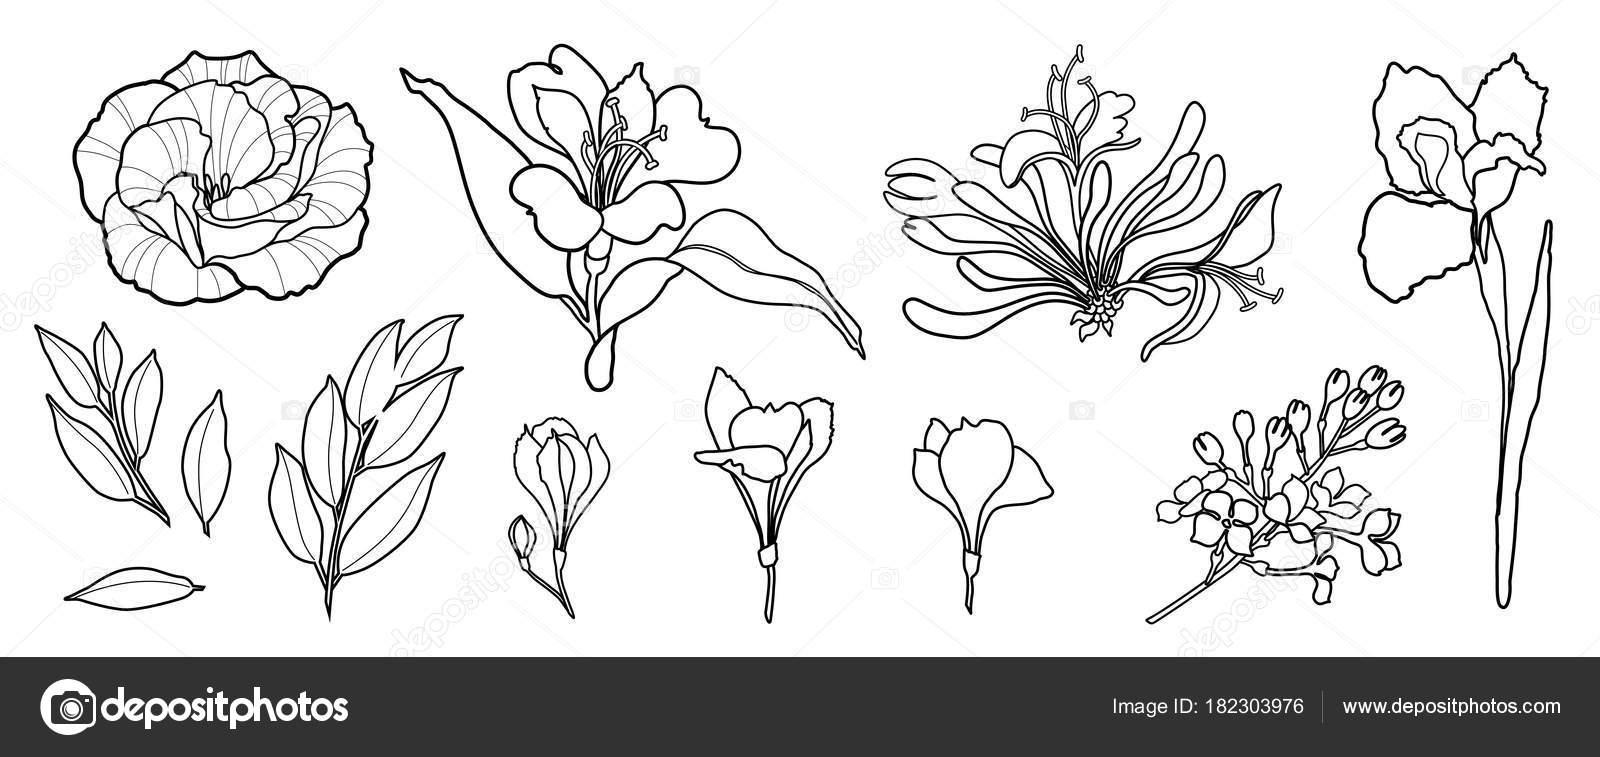 pfingstrose zeichnen blumen zeichnung, hand zu zeichnen linie vektor-blumen-set. pfingstrose, rose, iris, Design ideen